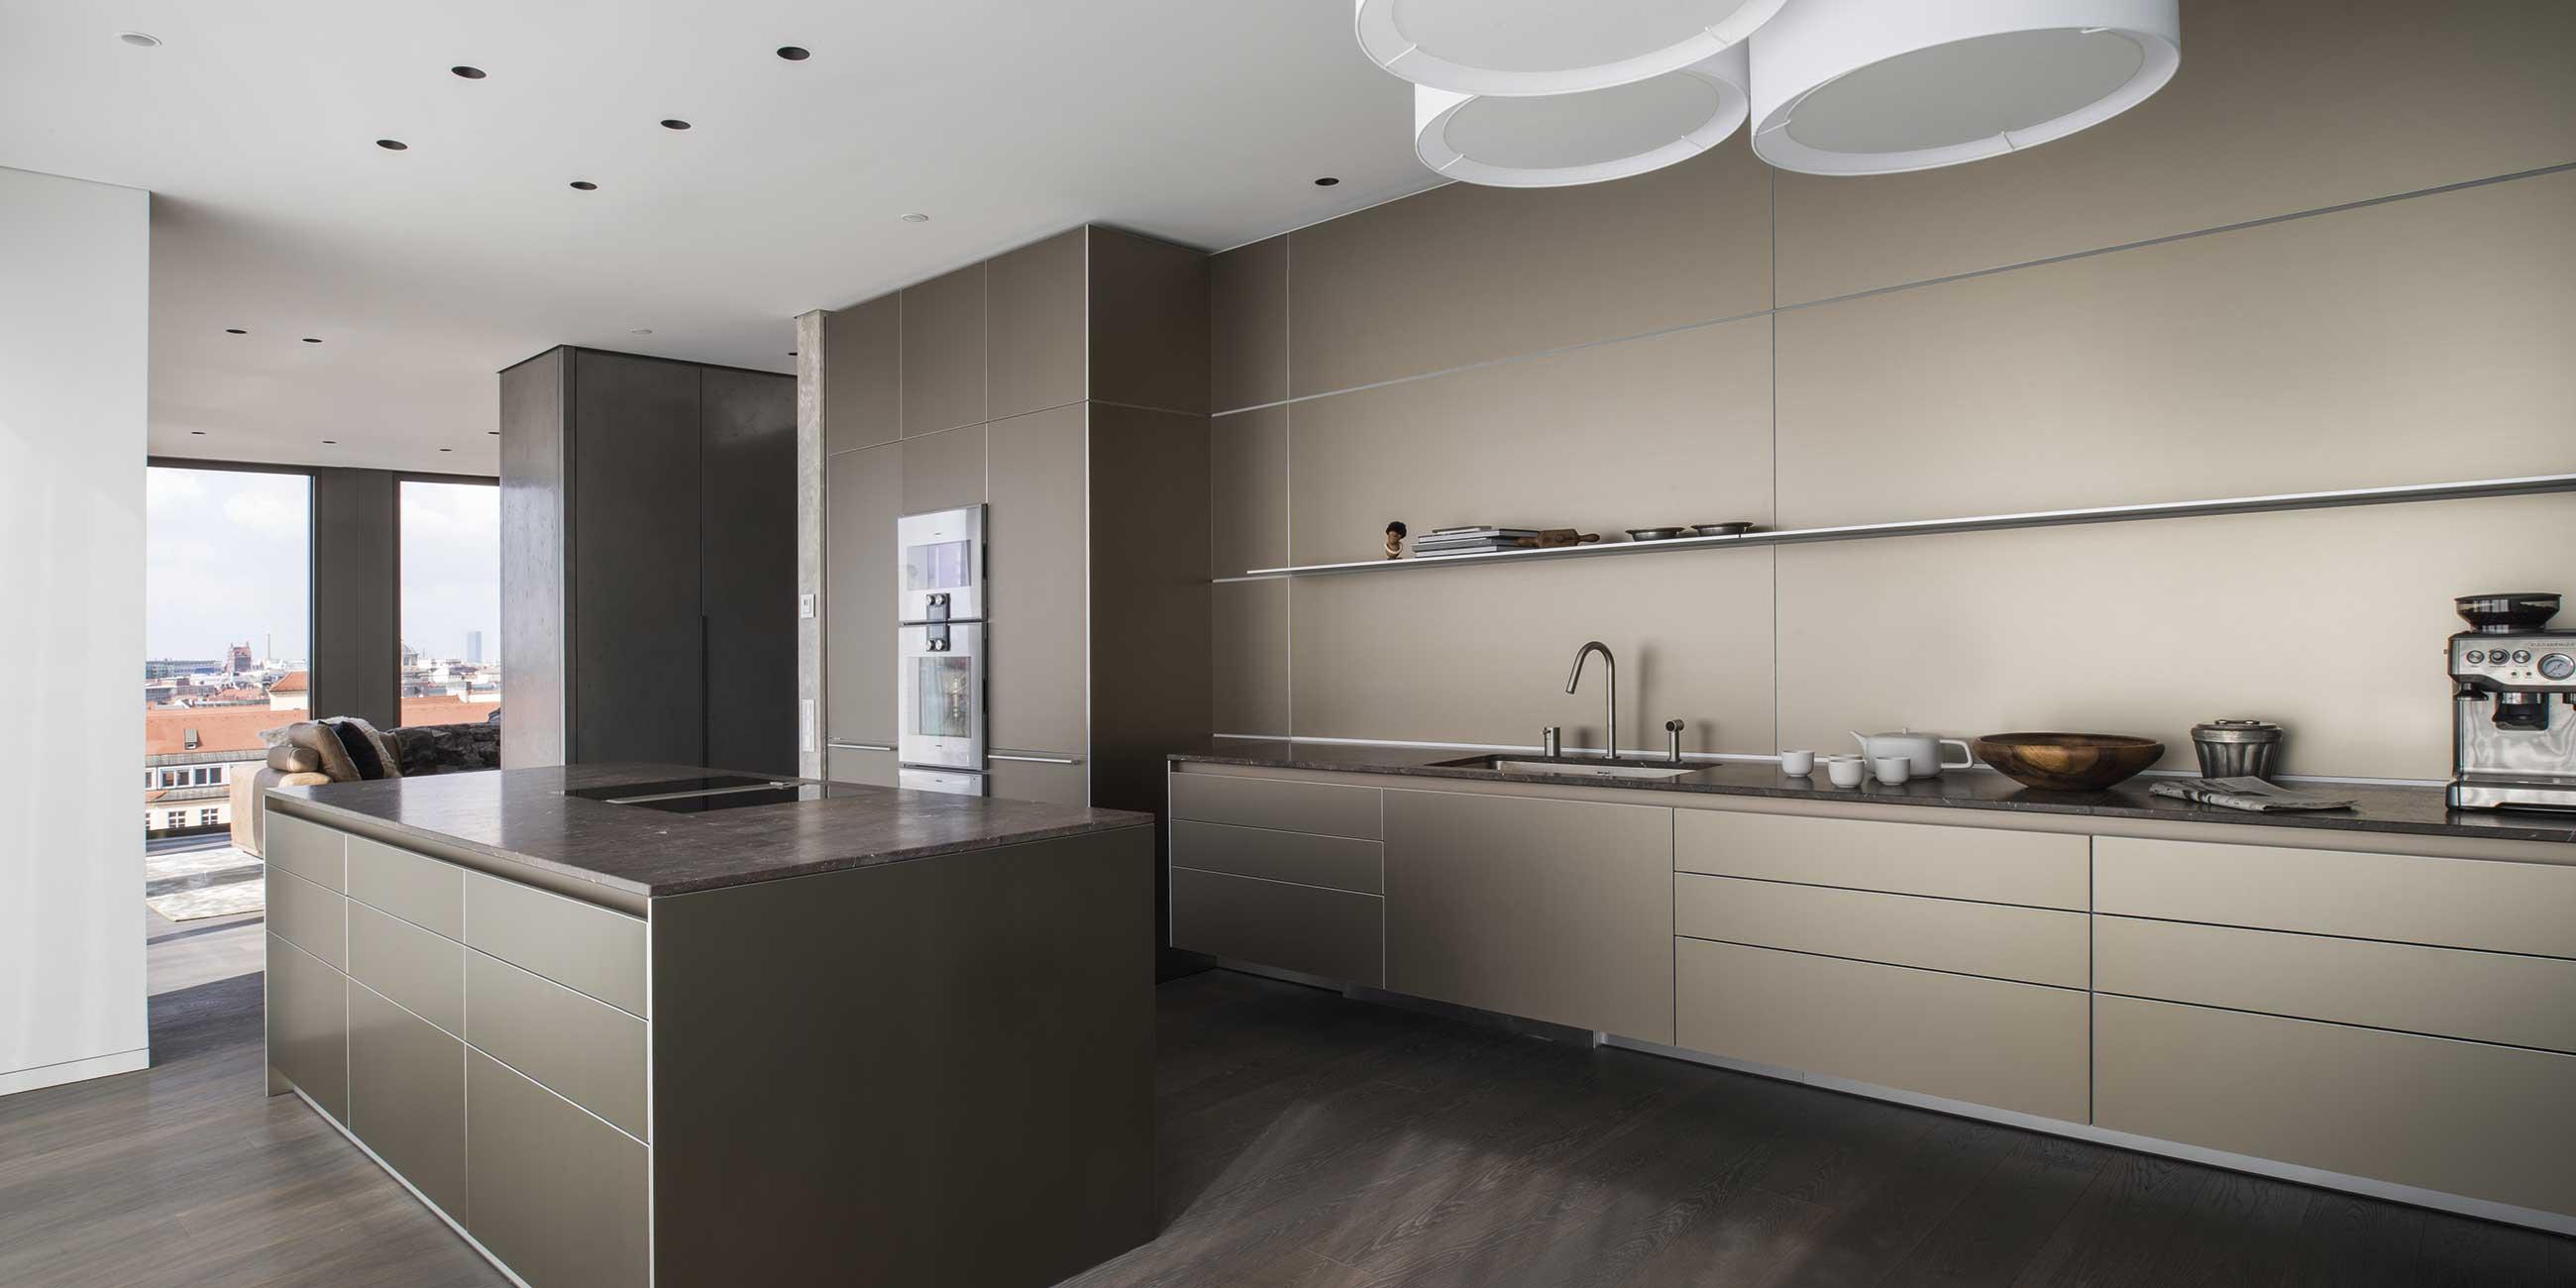 architektur in der küche – minimalistisch schön · werkhaus